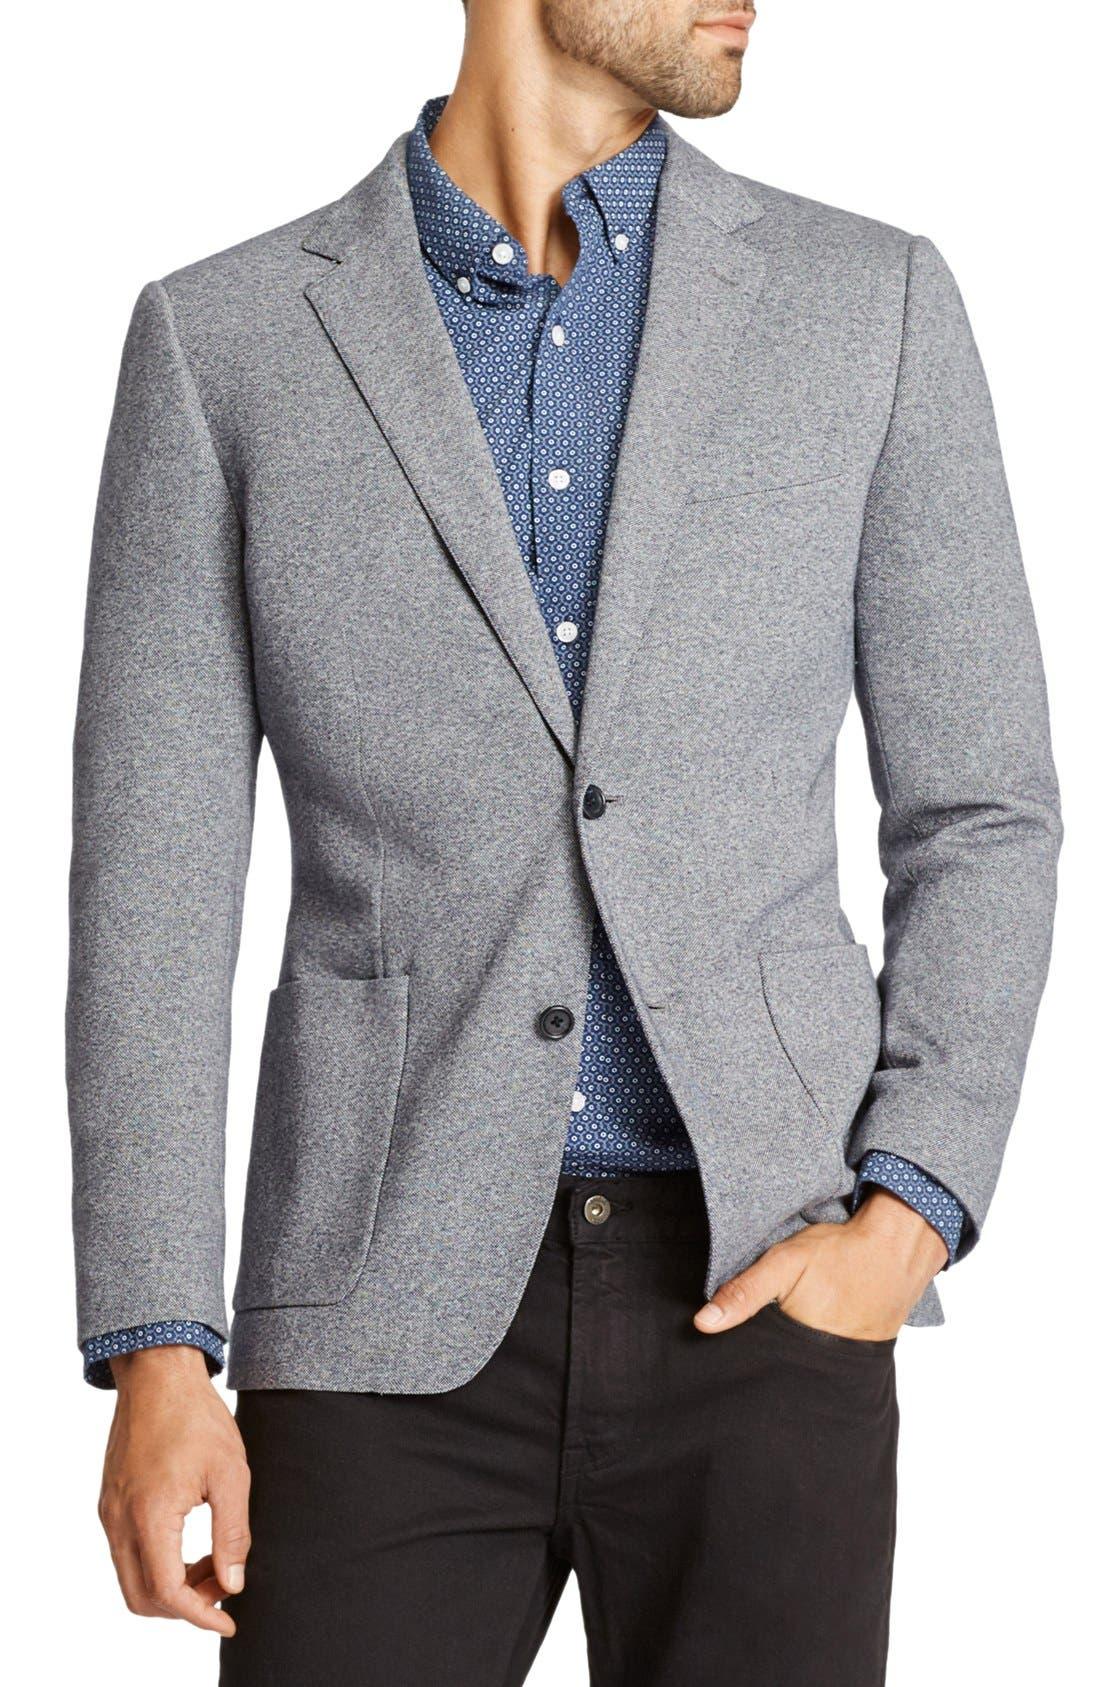 Jetsetter Trim Fit Knit Cotton Blazer,                         Main,                         color, 020